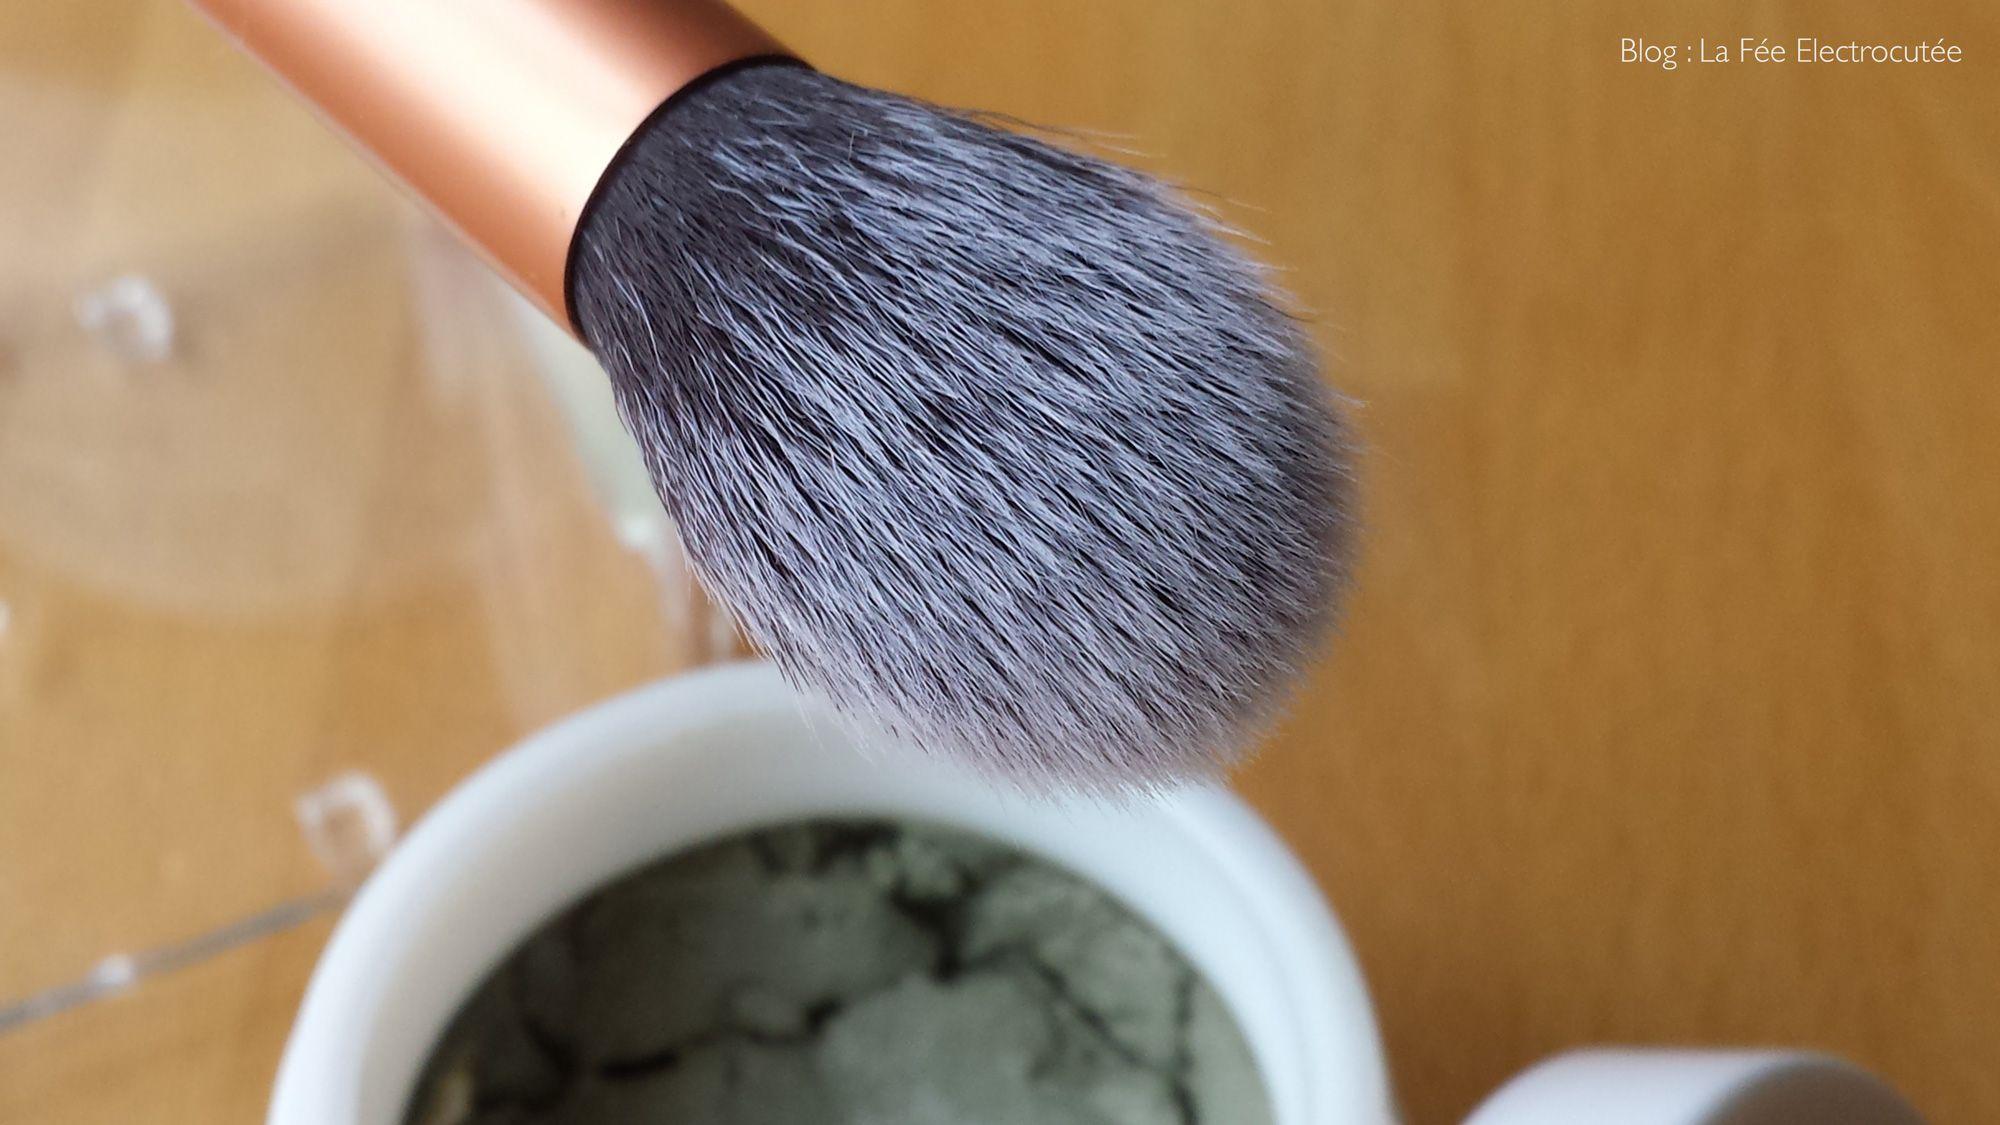 Nettoyez et détachez vos pinceaux de maquillage (même blancs) grâce à l'argile verte.